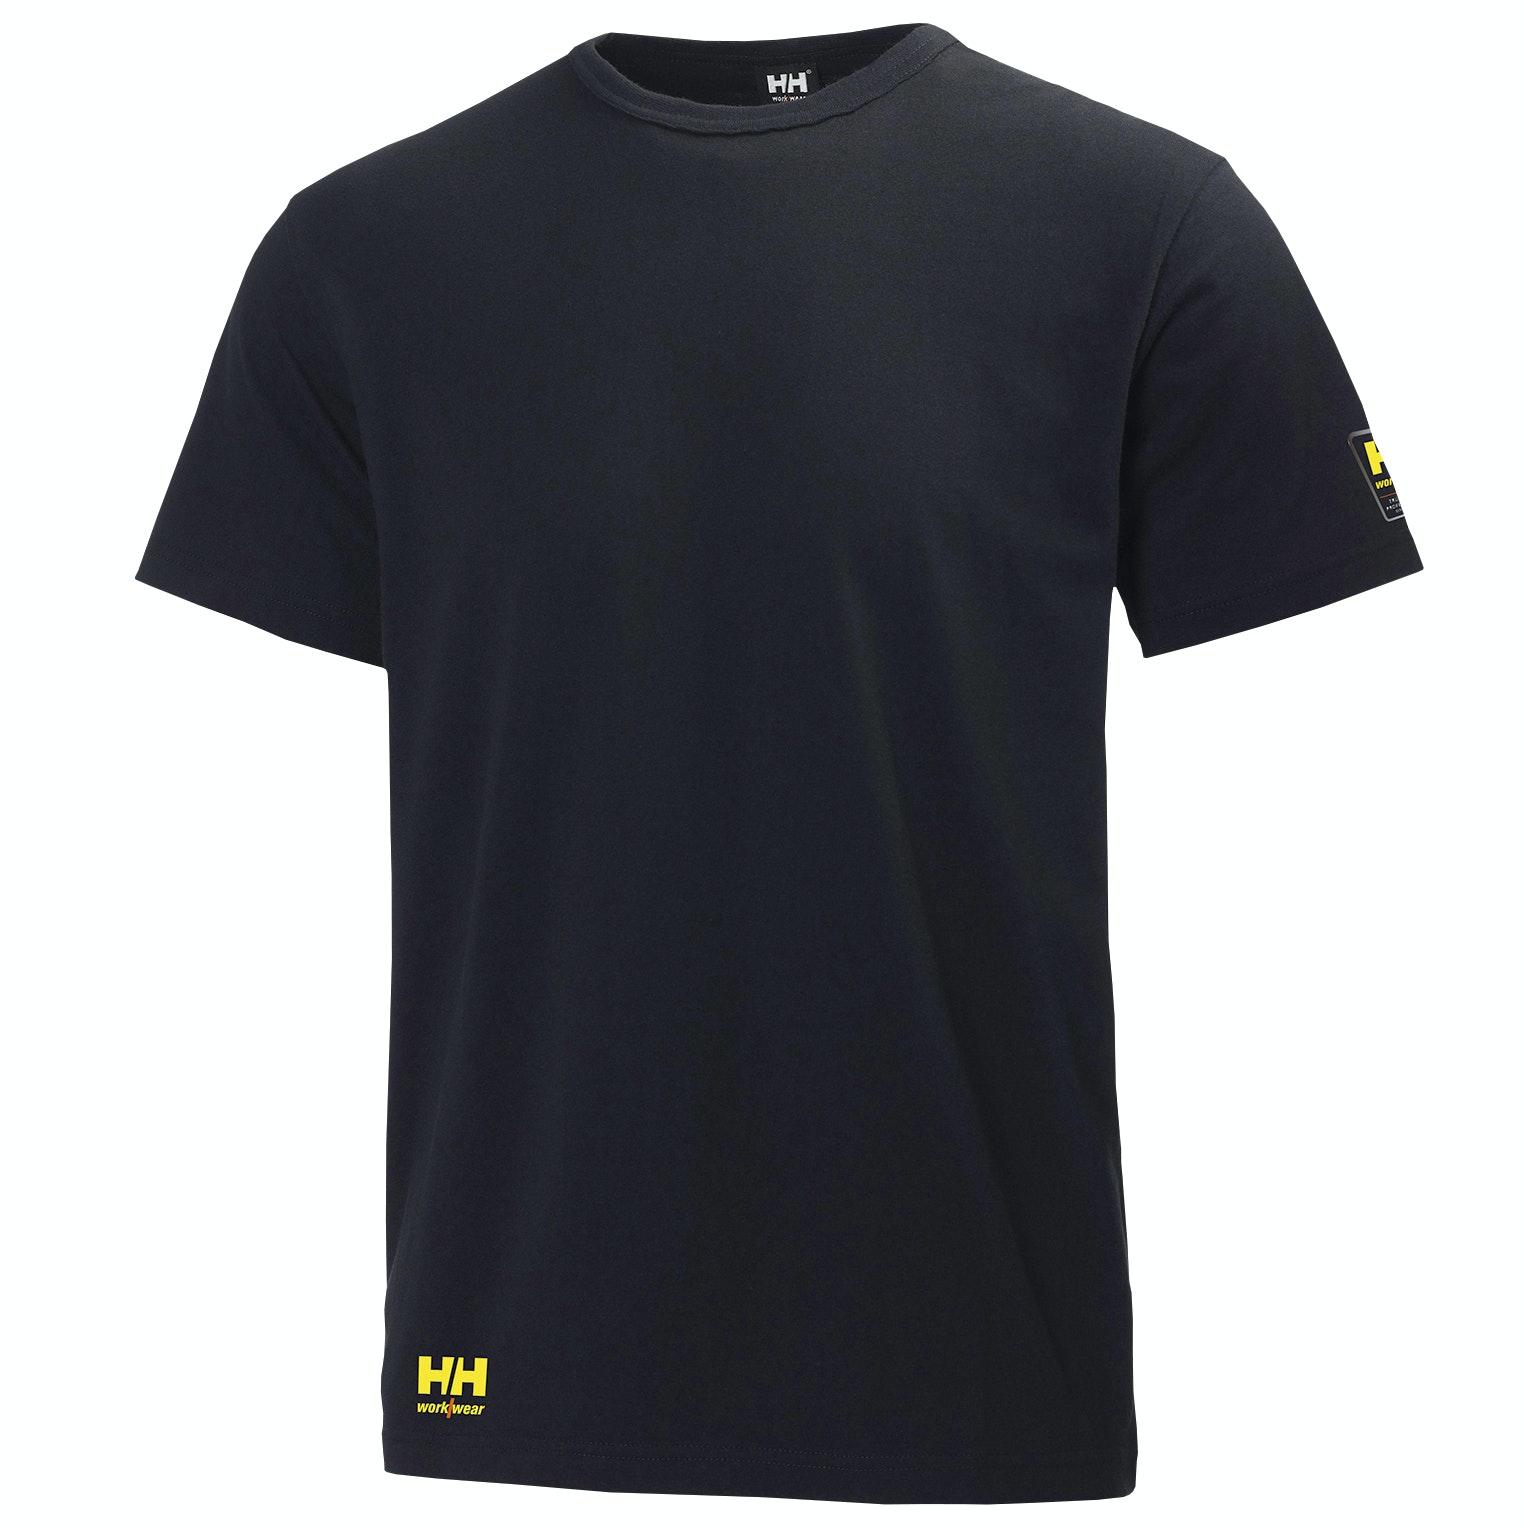 T-shirt Helly Hansen Aker Tee Svart Stl: S